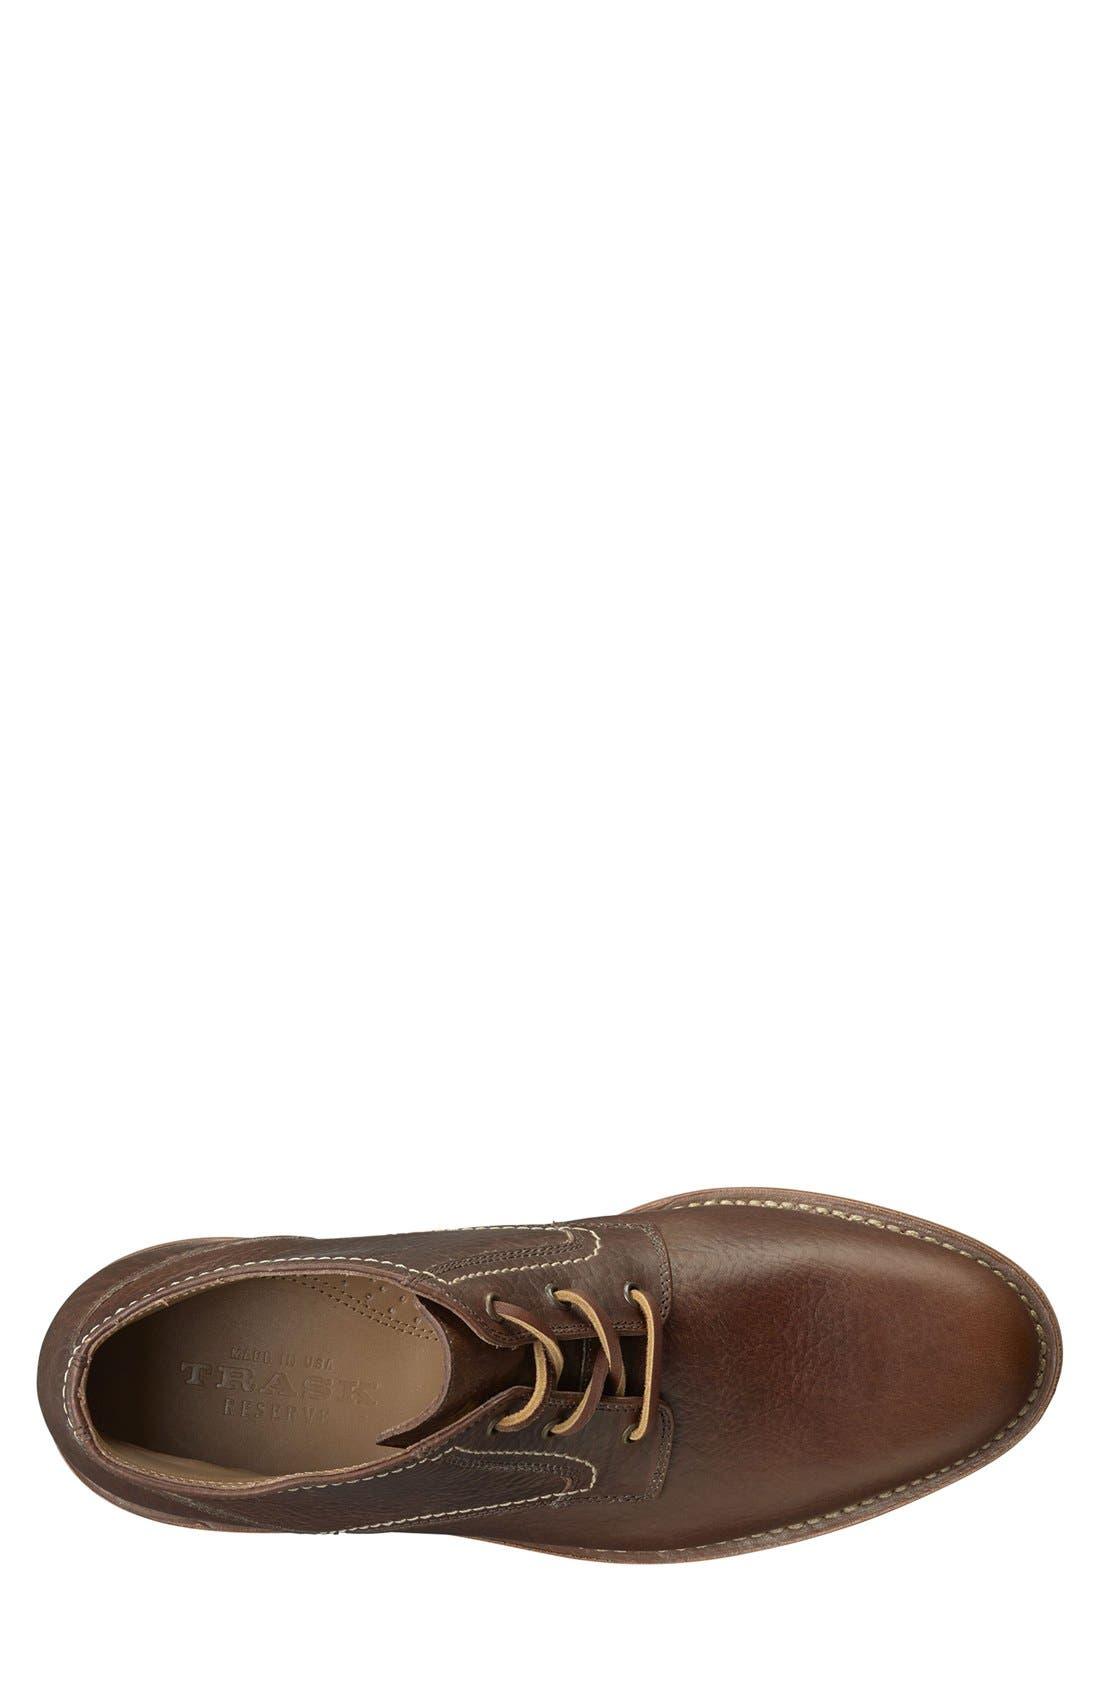 Alternate Image 3  - Trask 'Bighorn' Plain Toe Boot (Men)